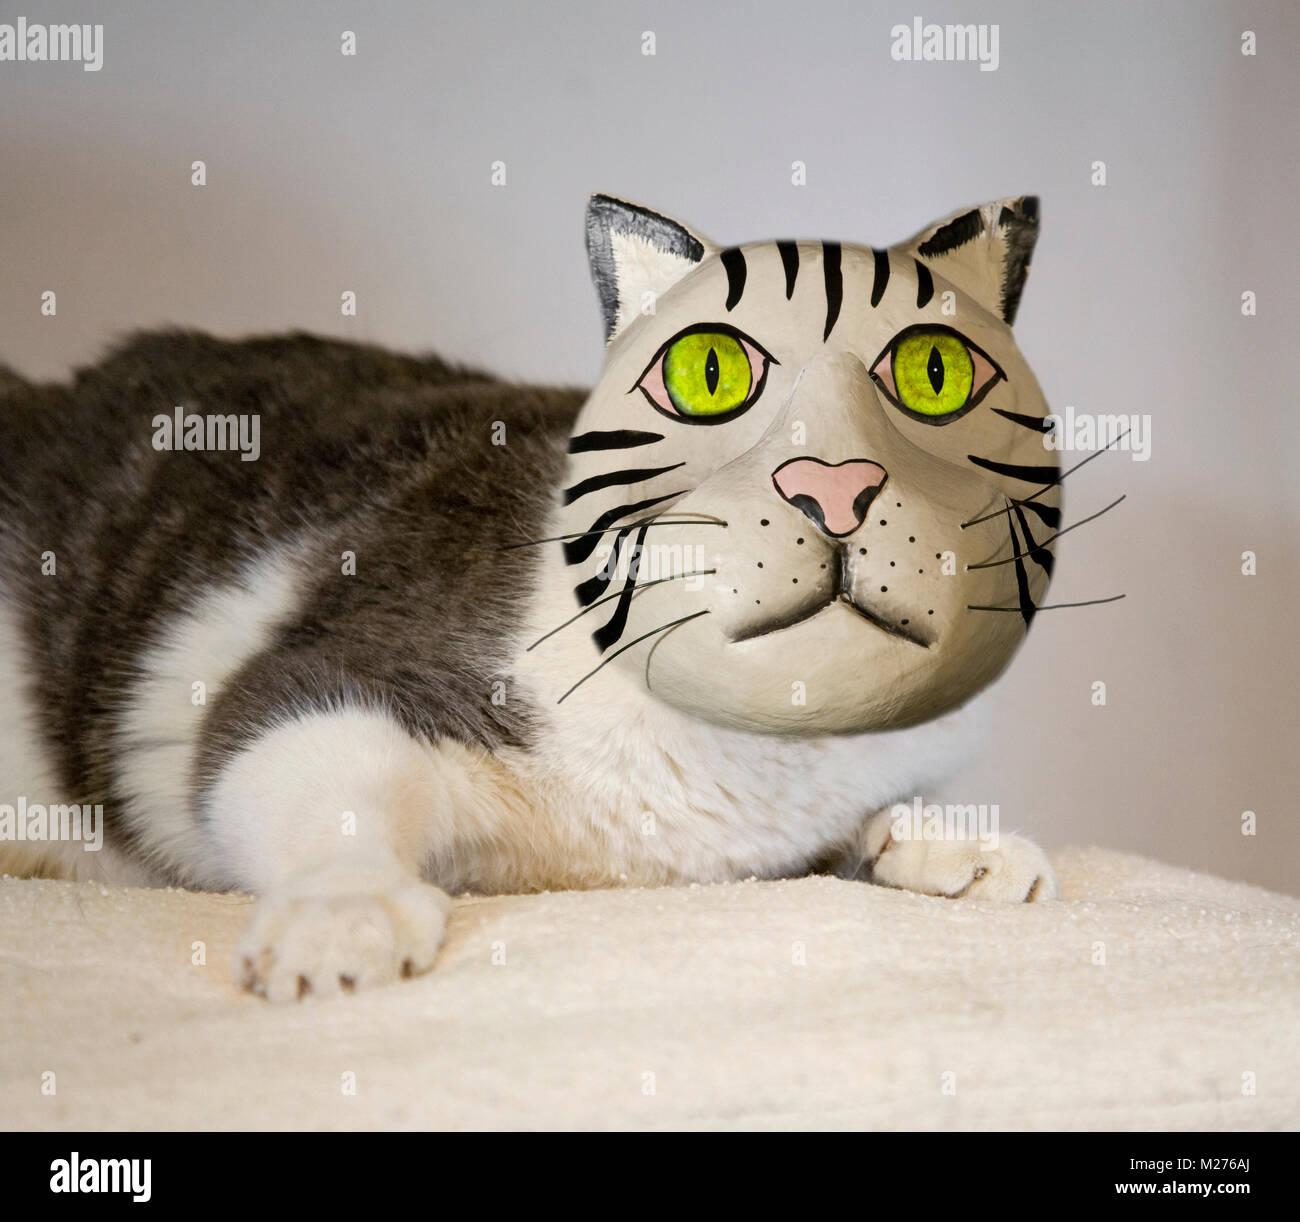 Ziemlich Katze 5 Draht Diagramm Zeitgenössisch - Die Besten ...